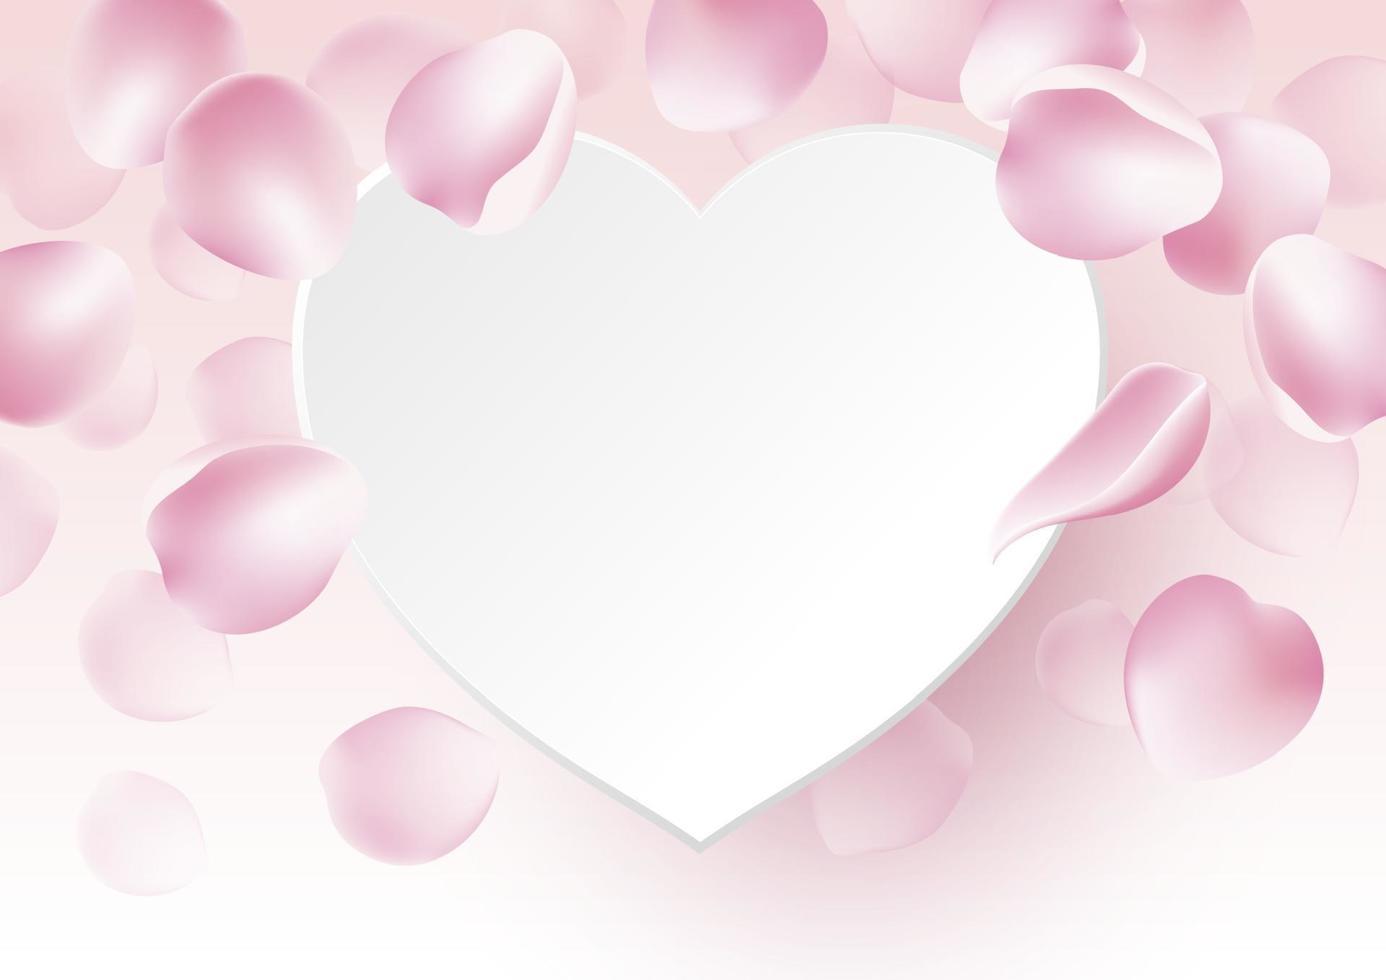 rozenblaadjes vallen met blanco papier hart op roze achtergrond vectorillustratie vector